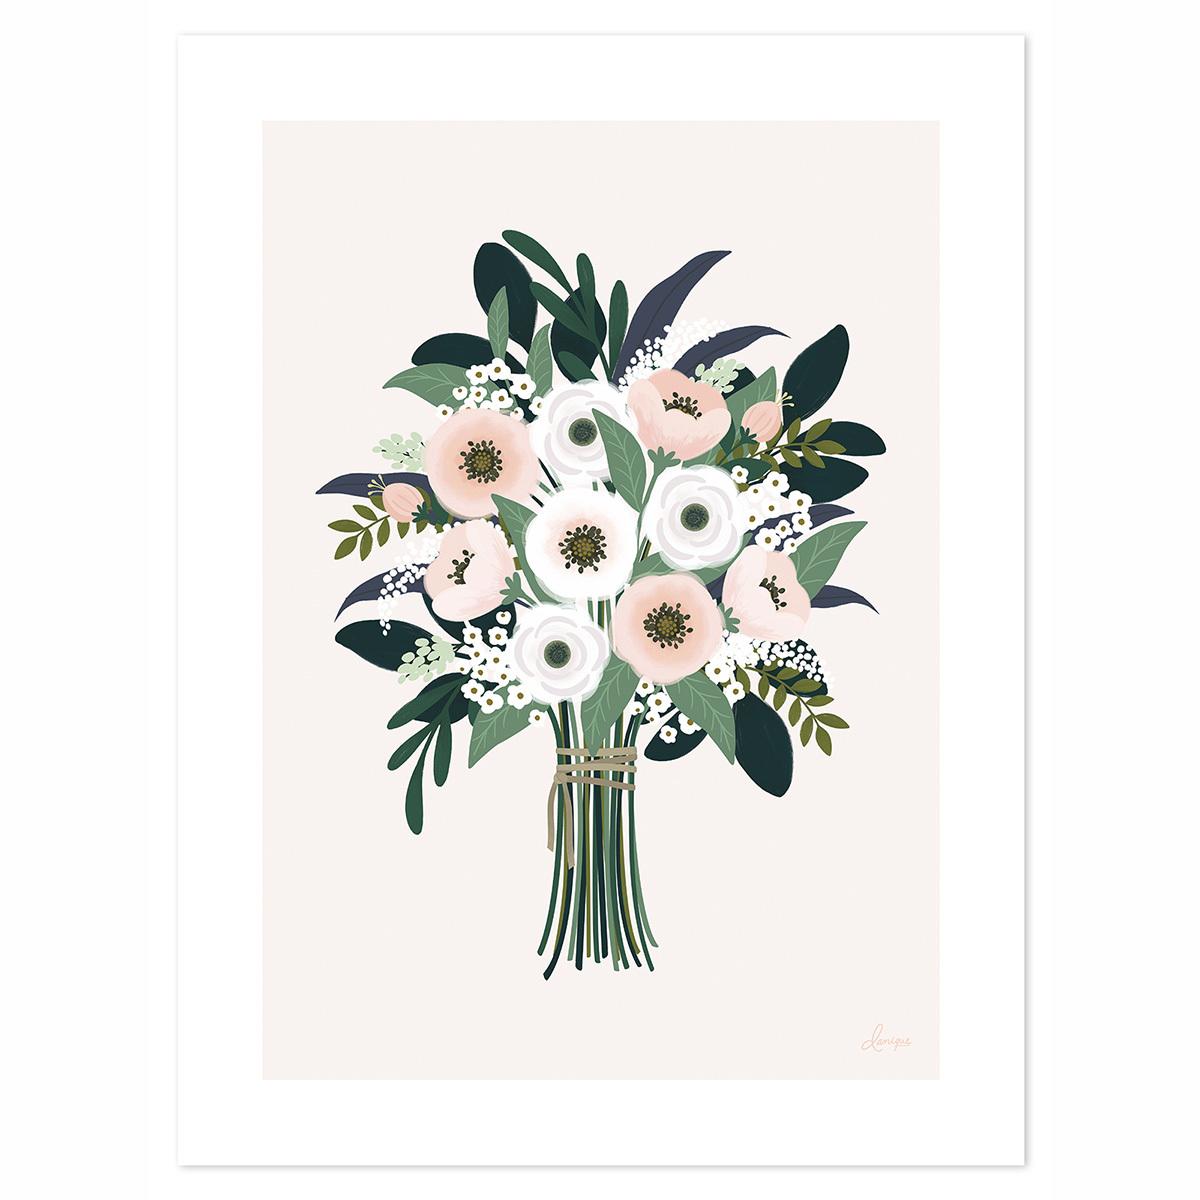 Affiche & poster Affiche Un si Joli Bouquet Affiche Un si Joli Bouquet